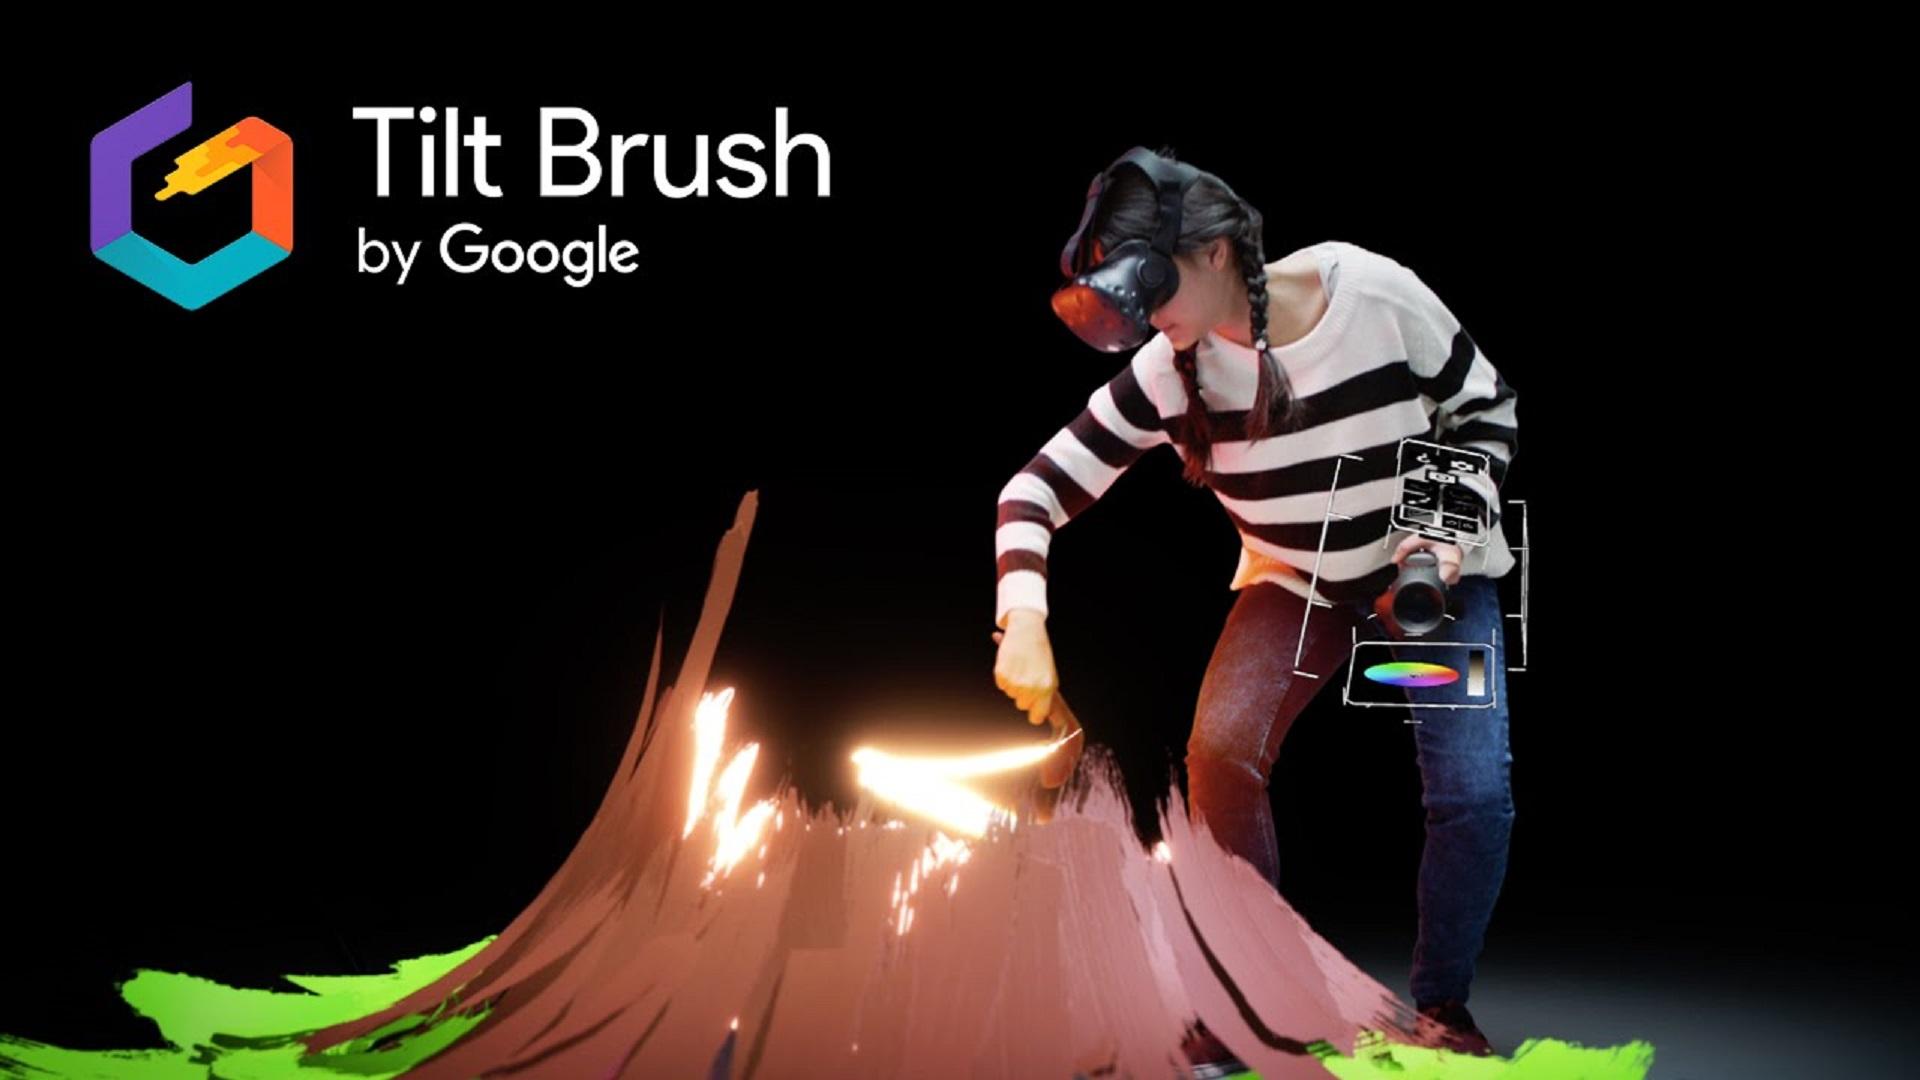 Google's Tilt Brush VR painting app goes open source